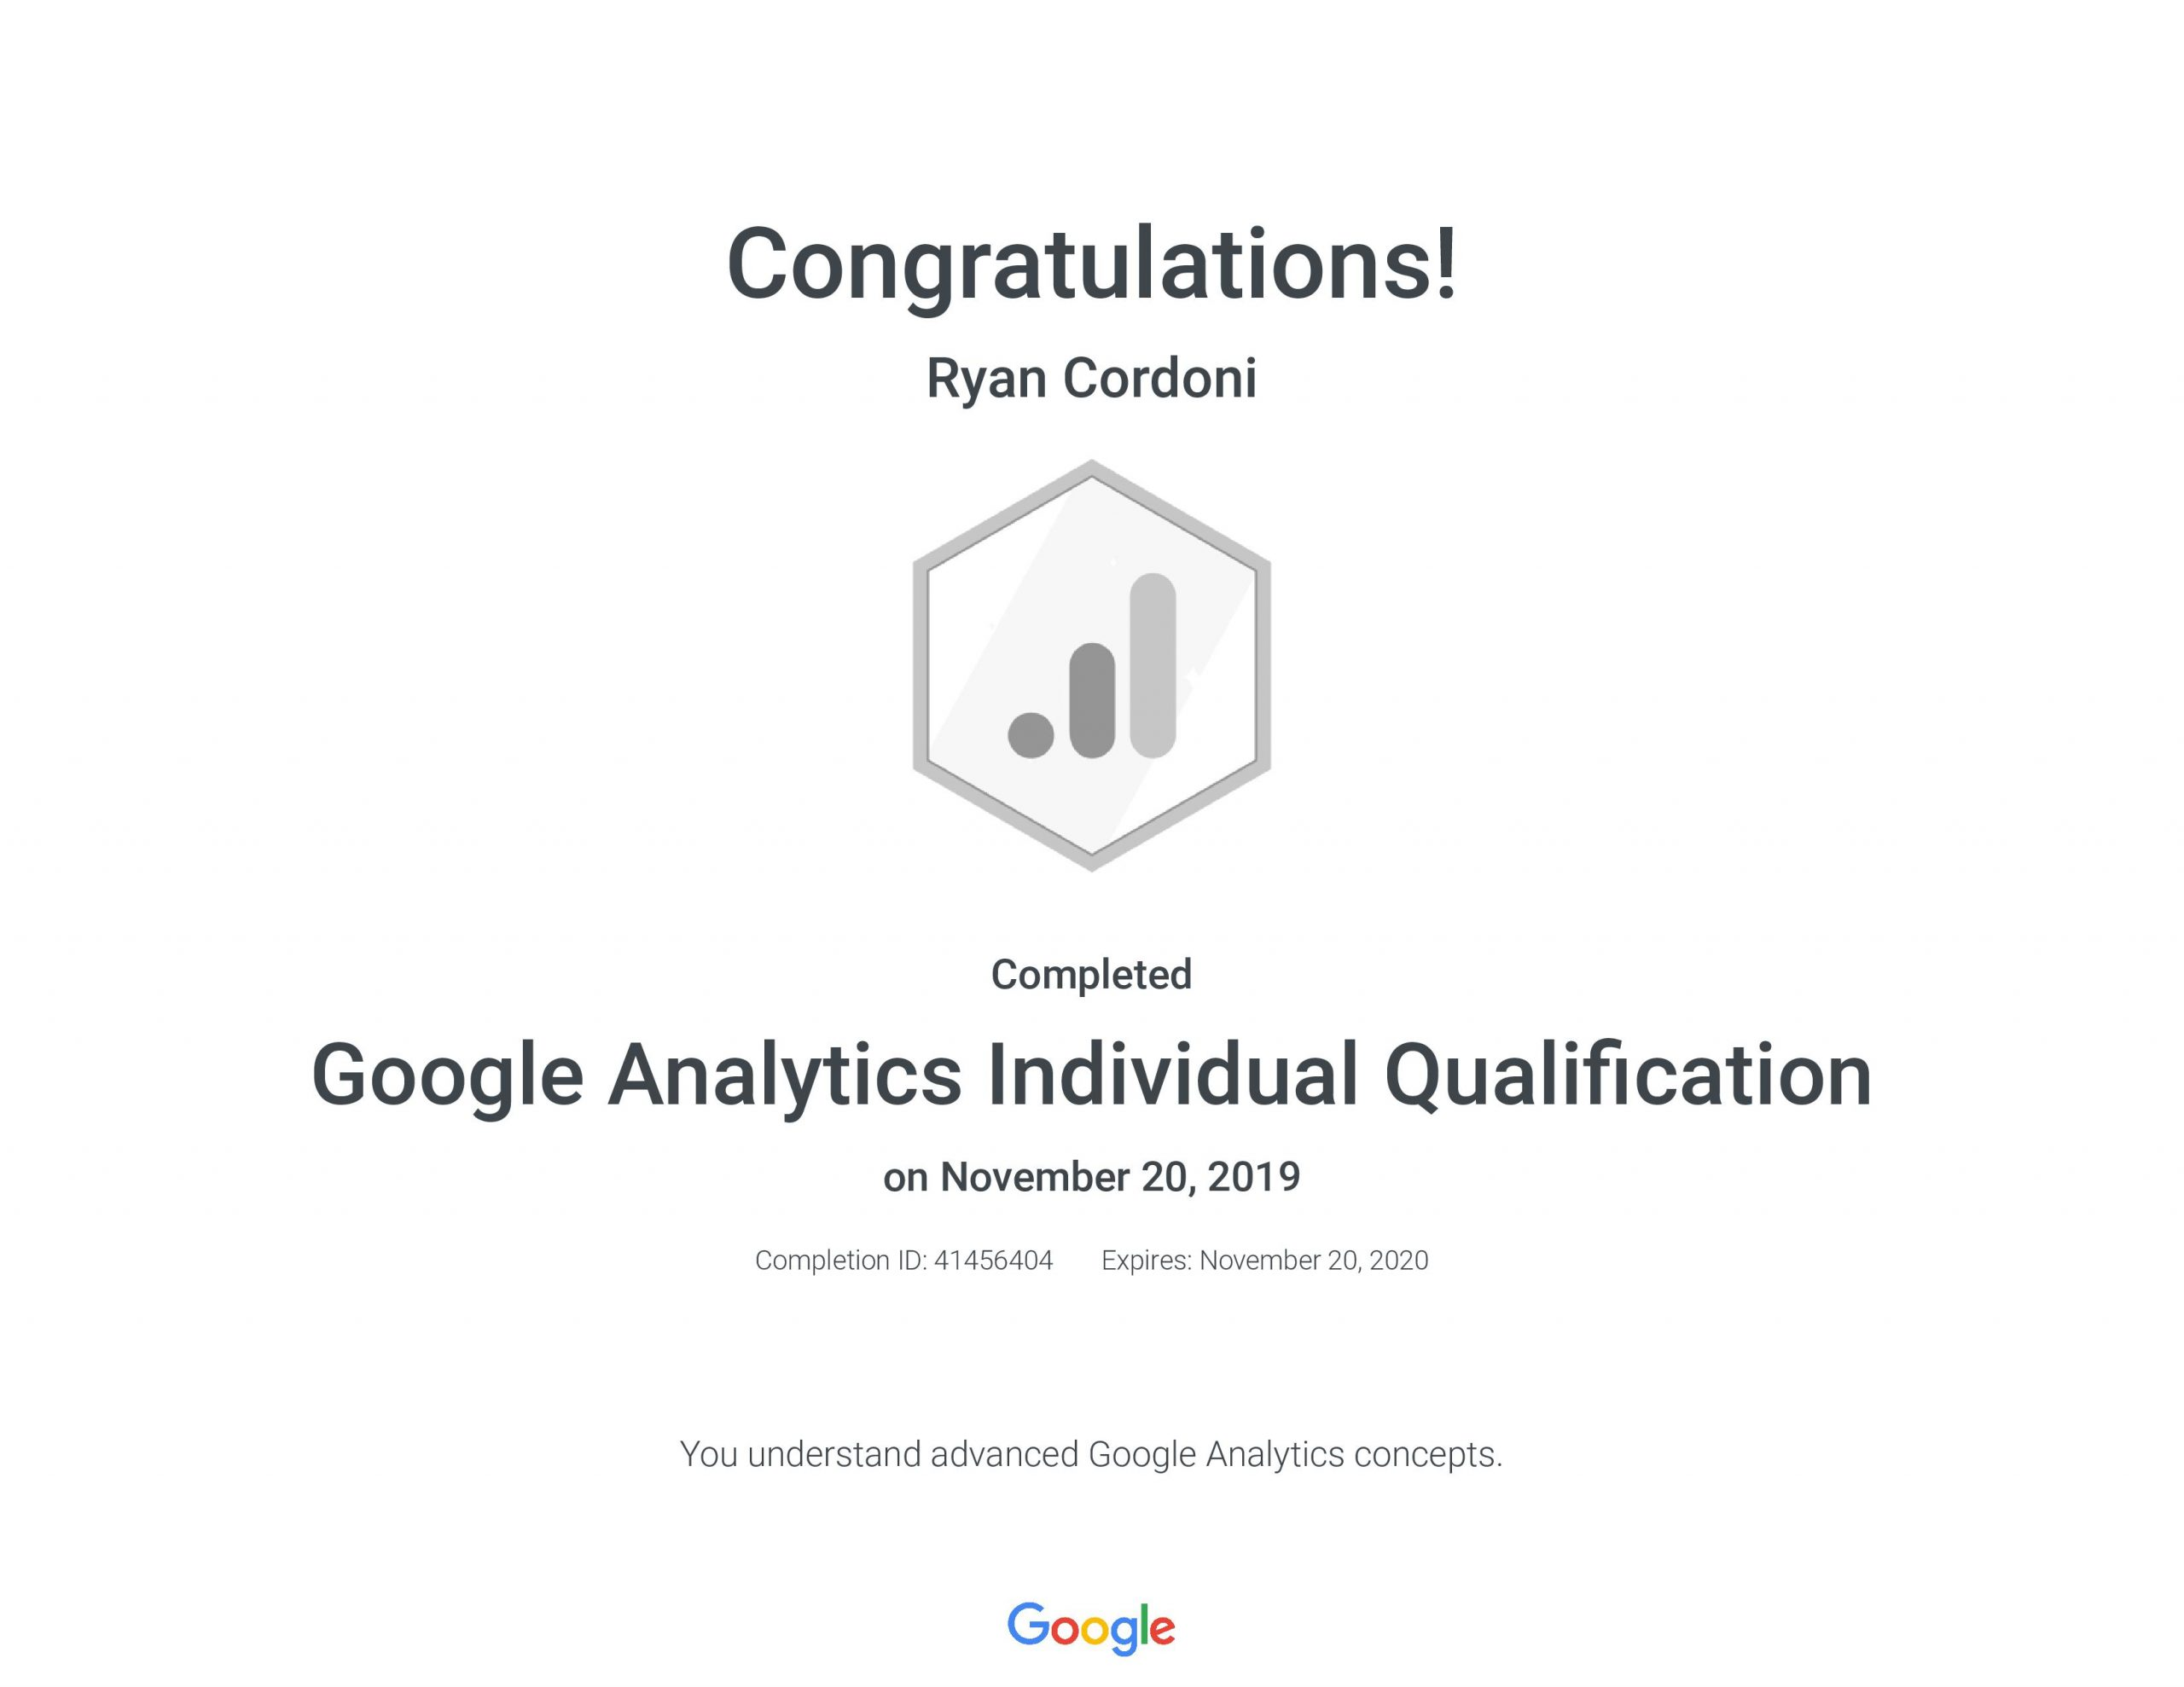 Google Analytics Certificate